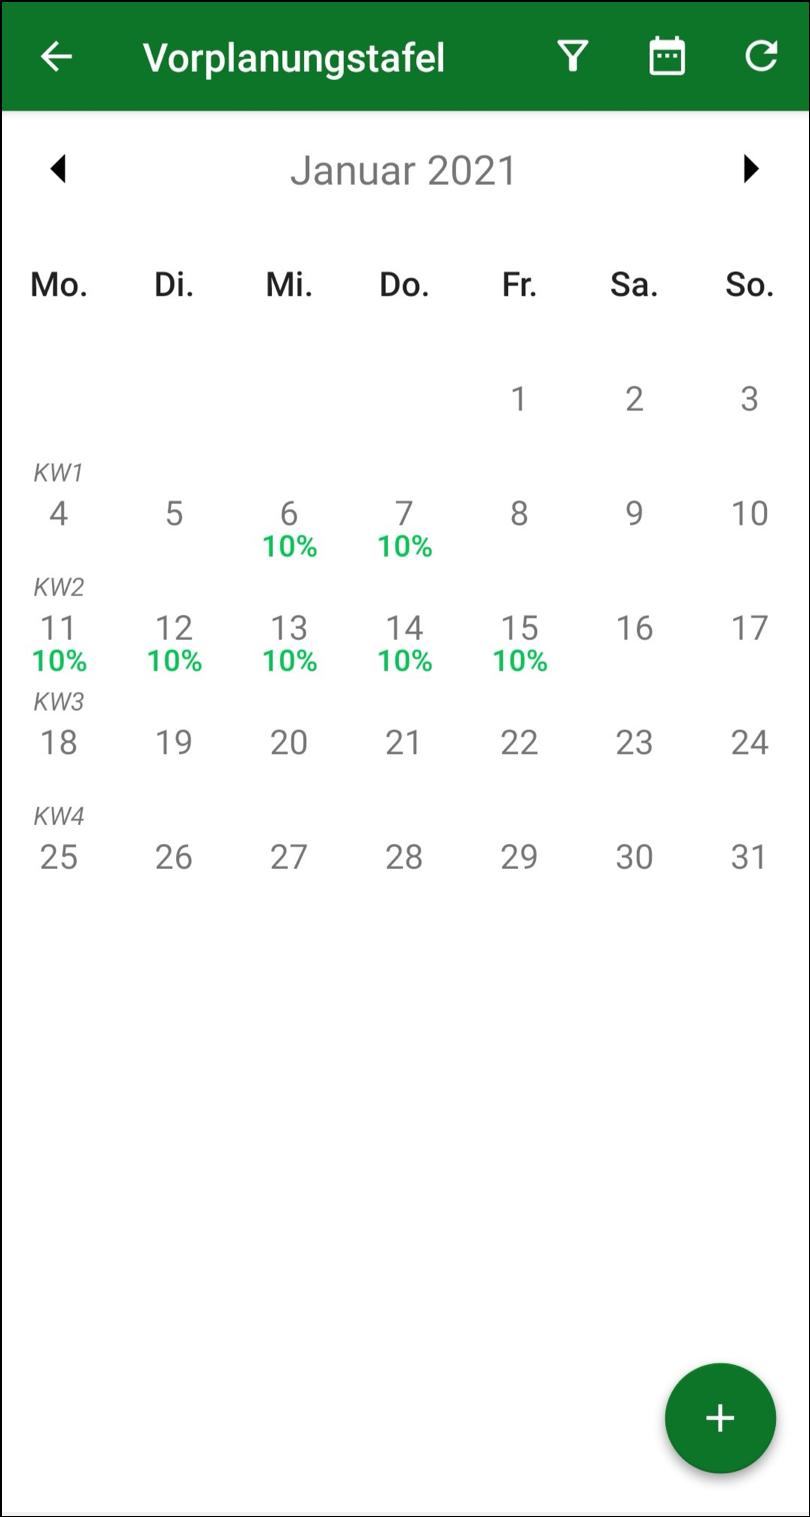 MontageAkte Vorplanungstafel